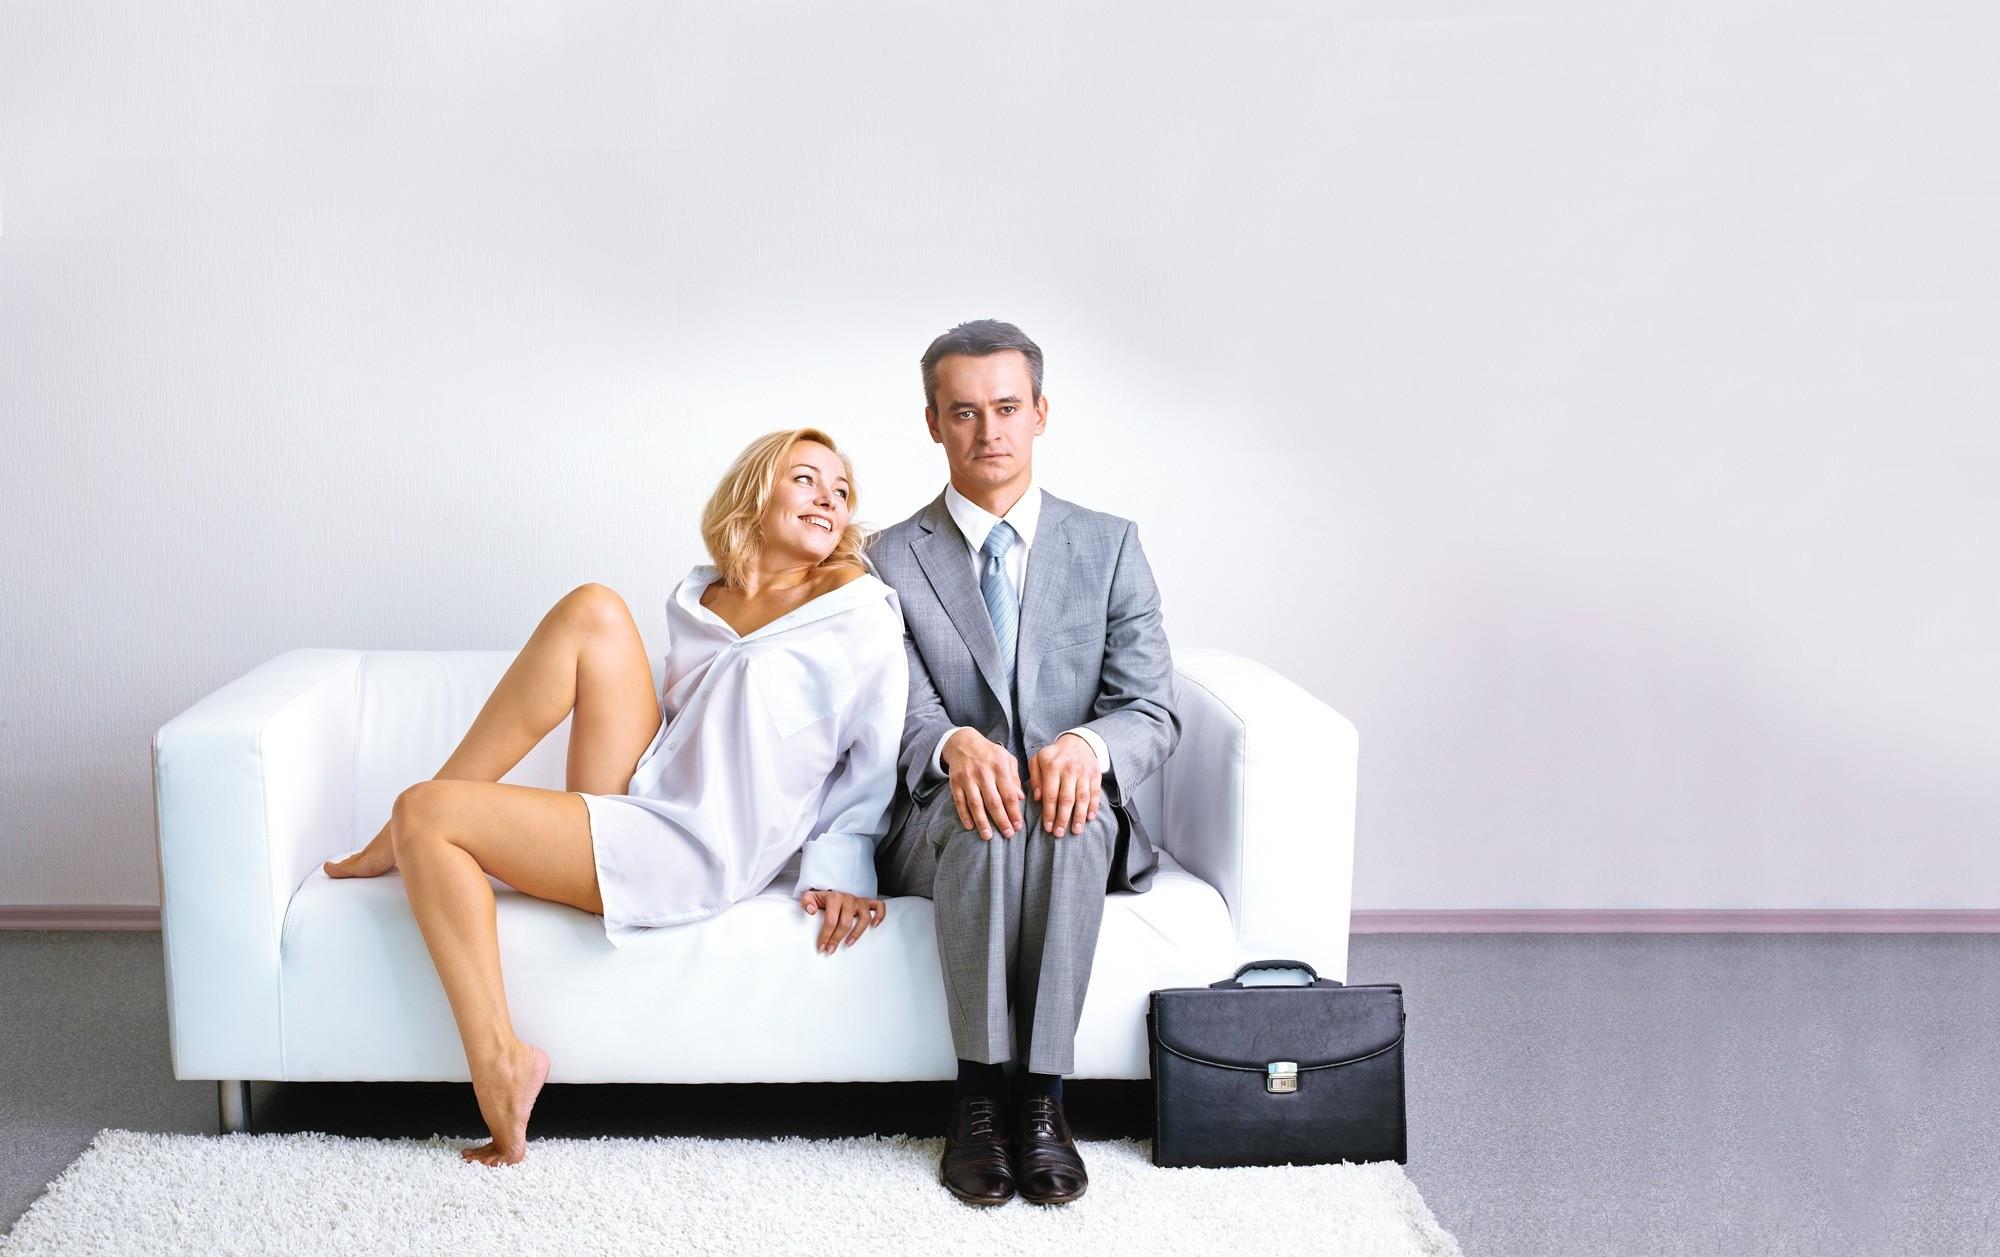 Идти на контакт: почему мужчина не переходит на новый уровень в отношениях?